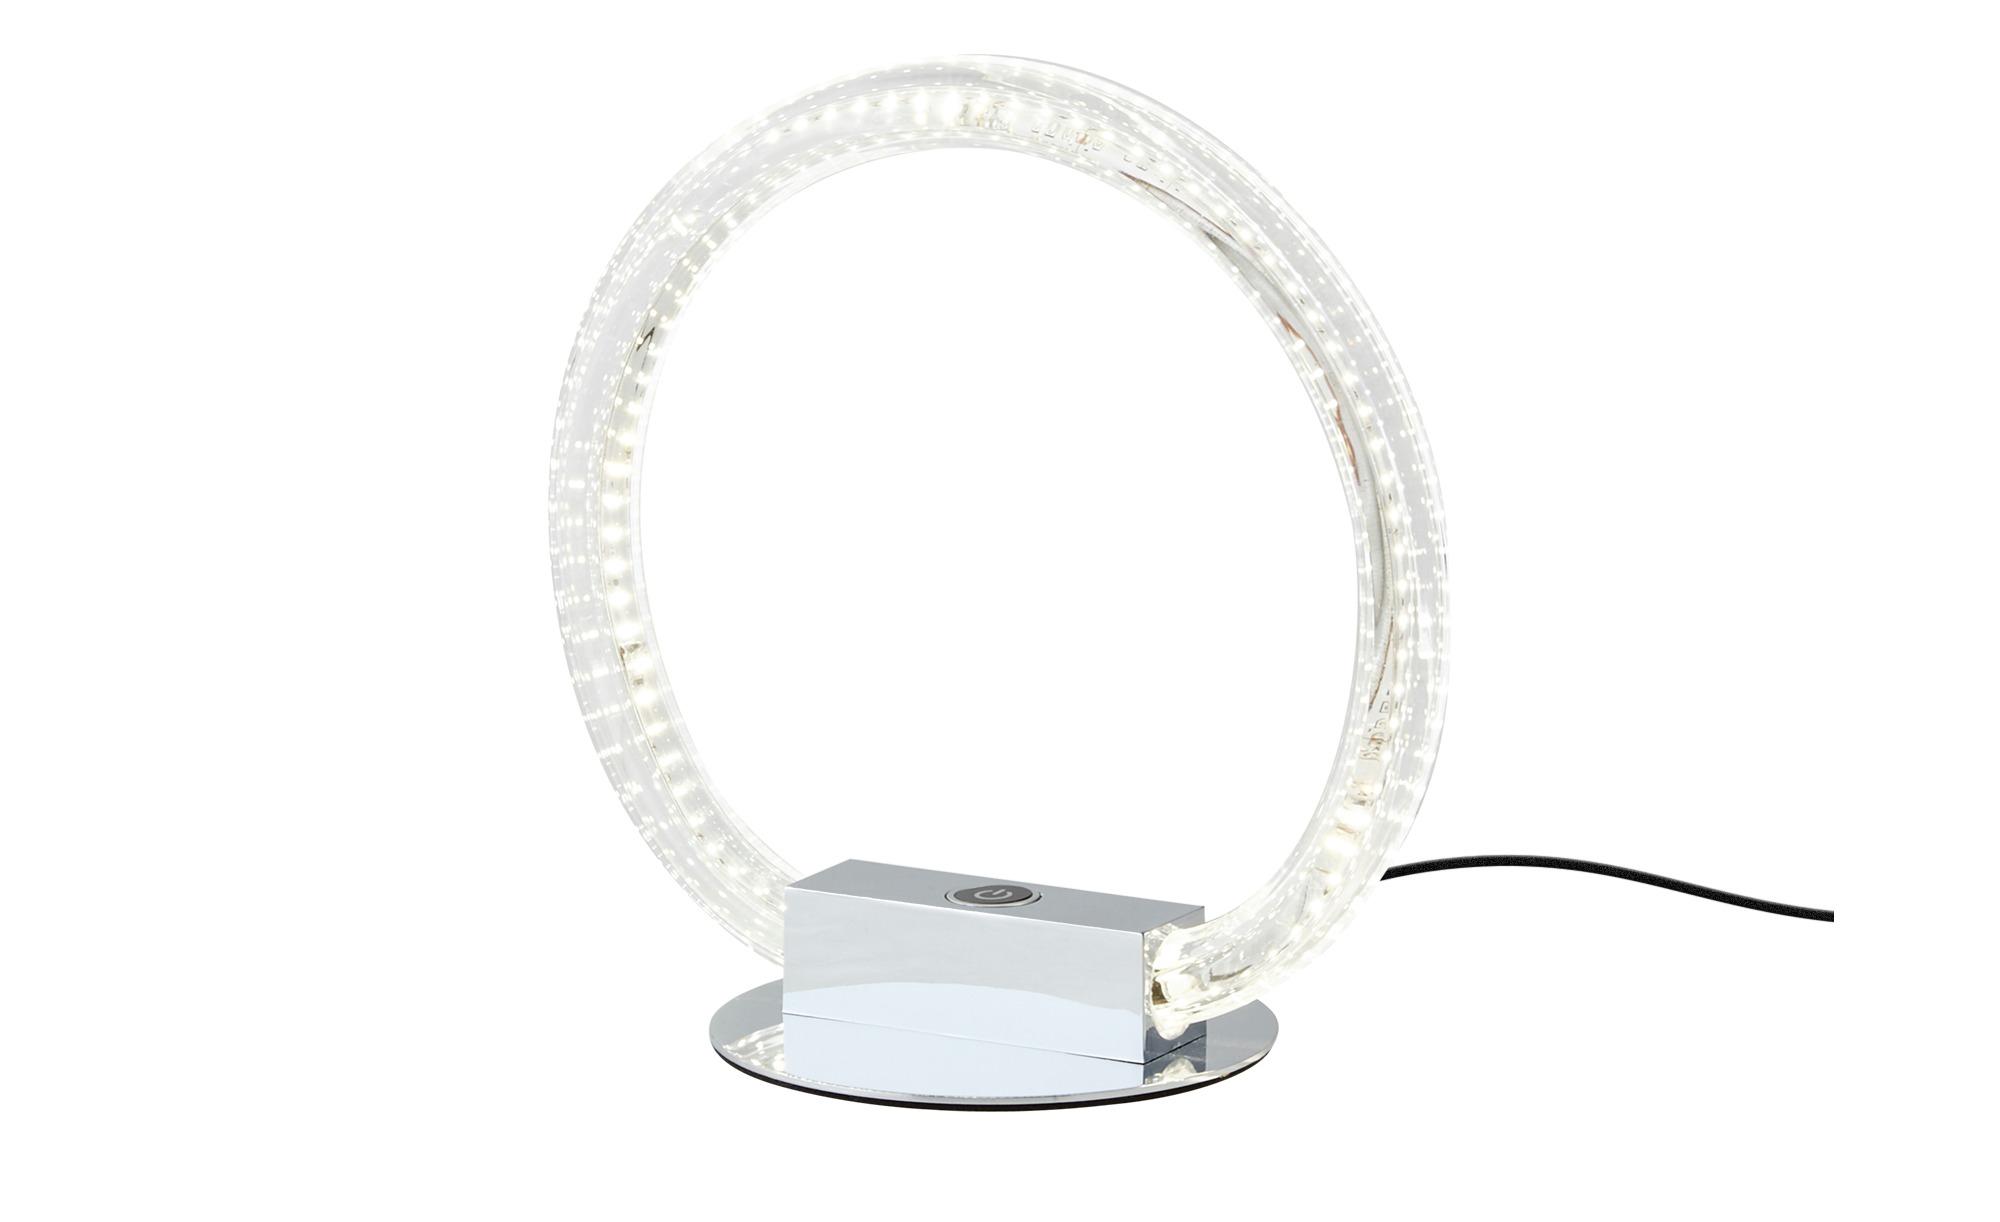 KHG LED-Tischleuchte, Acrylring ¦ silber ¦ Maße (cm): B: 27 H: 27 T: 1 Ø: 26 Lampen & Leuchten > Innenleuchten > Tischlampen - Höffner